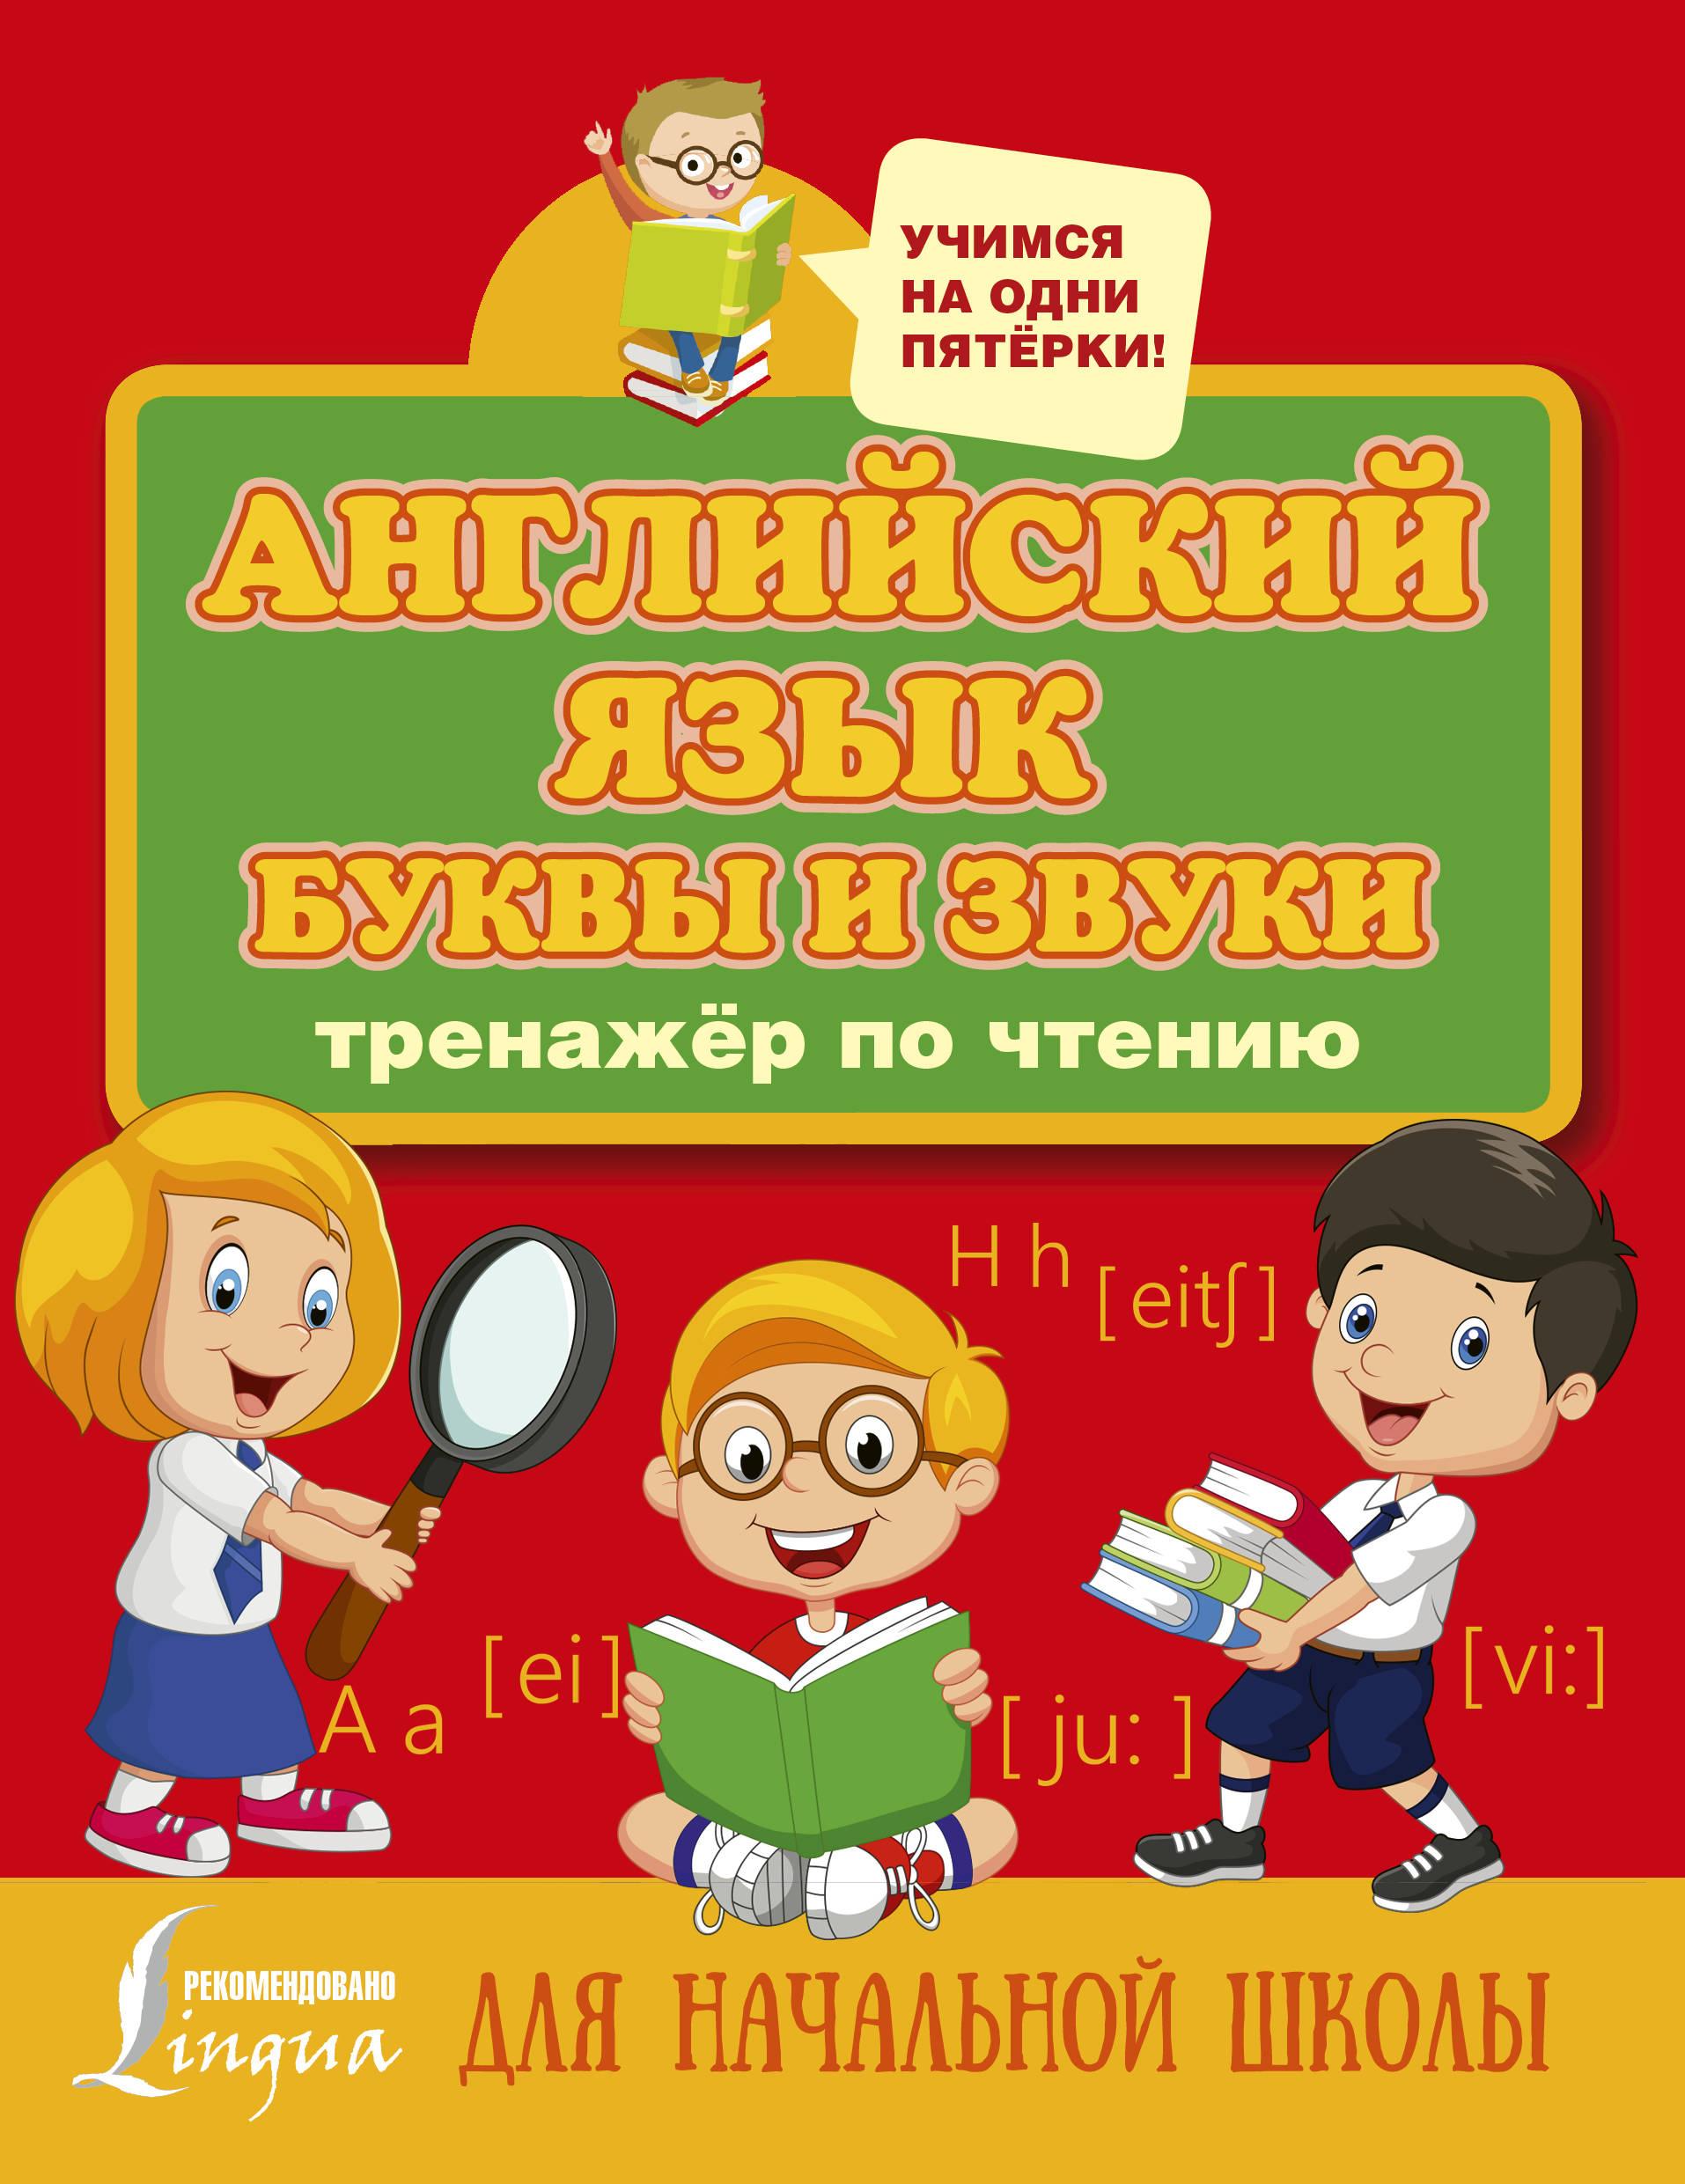 С. А. Матвеев. Английский язык. Буквы и звуки. Тренажёр по чтению